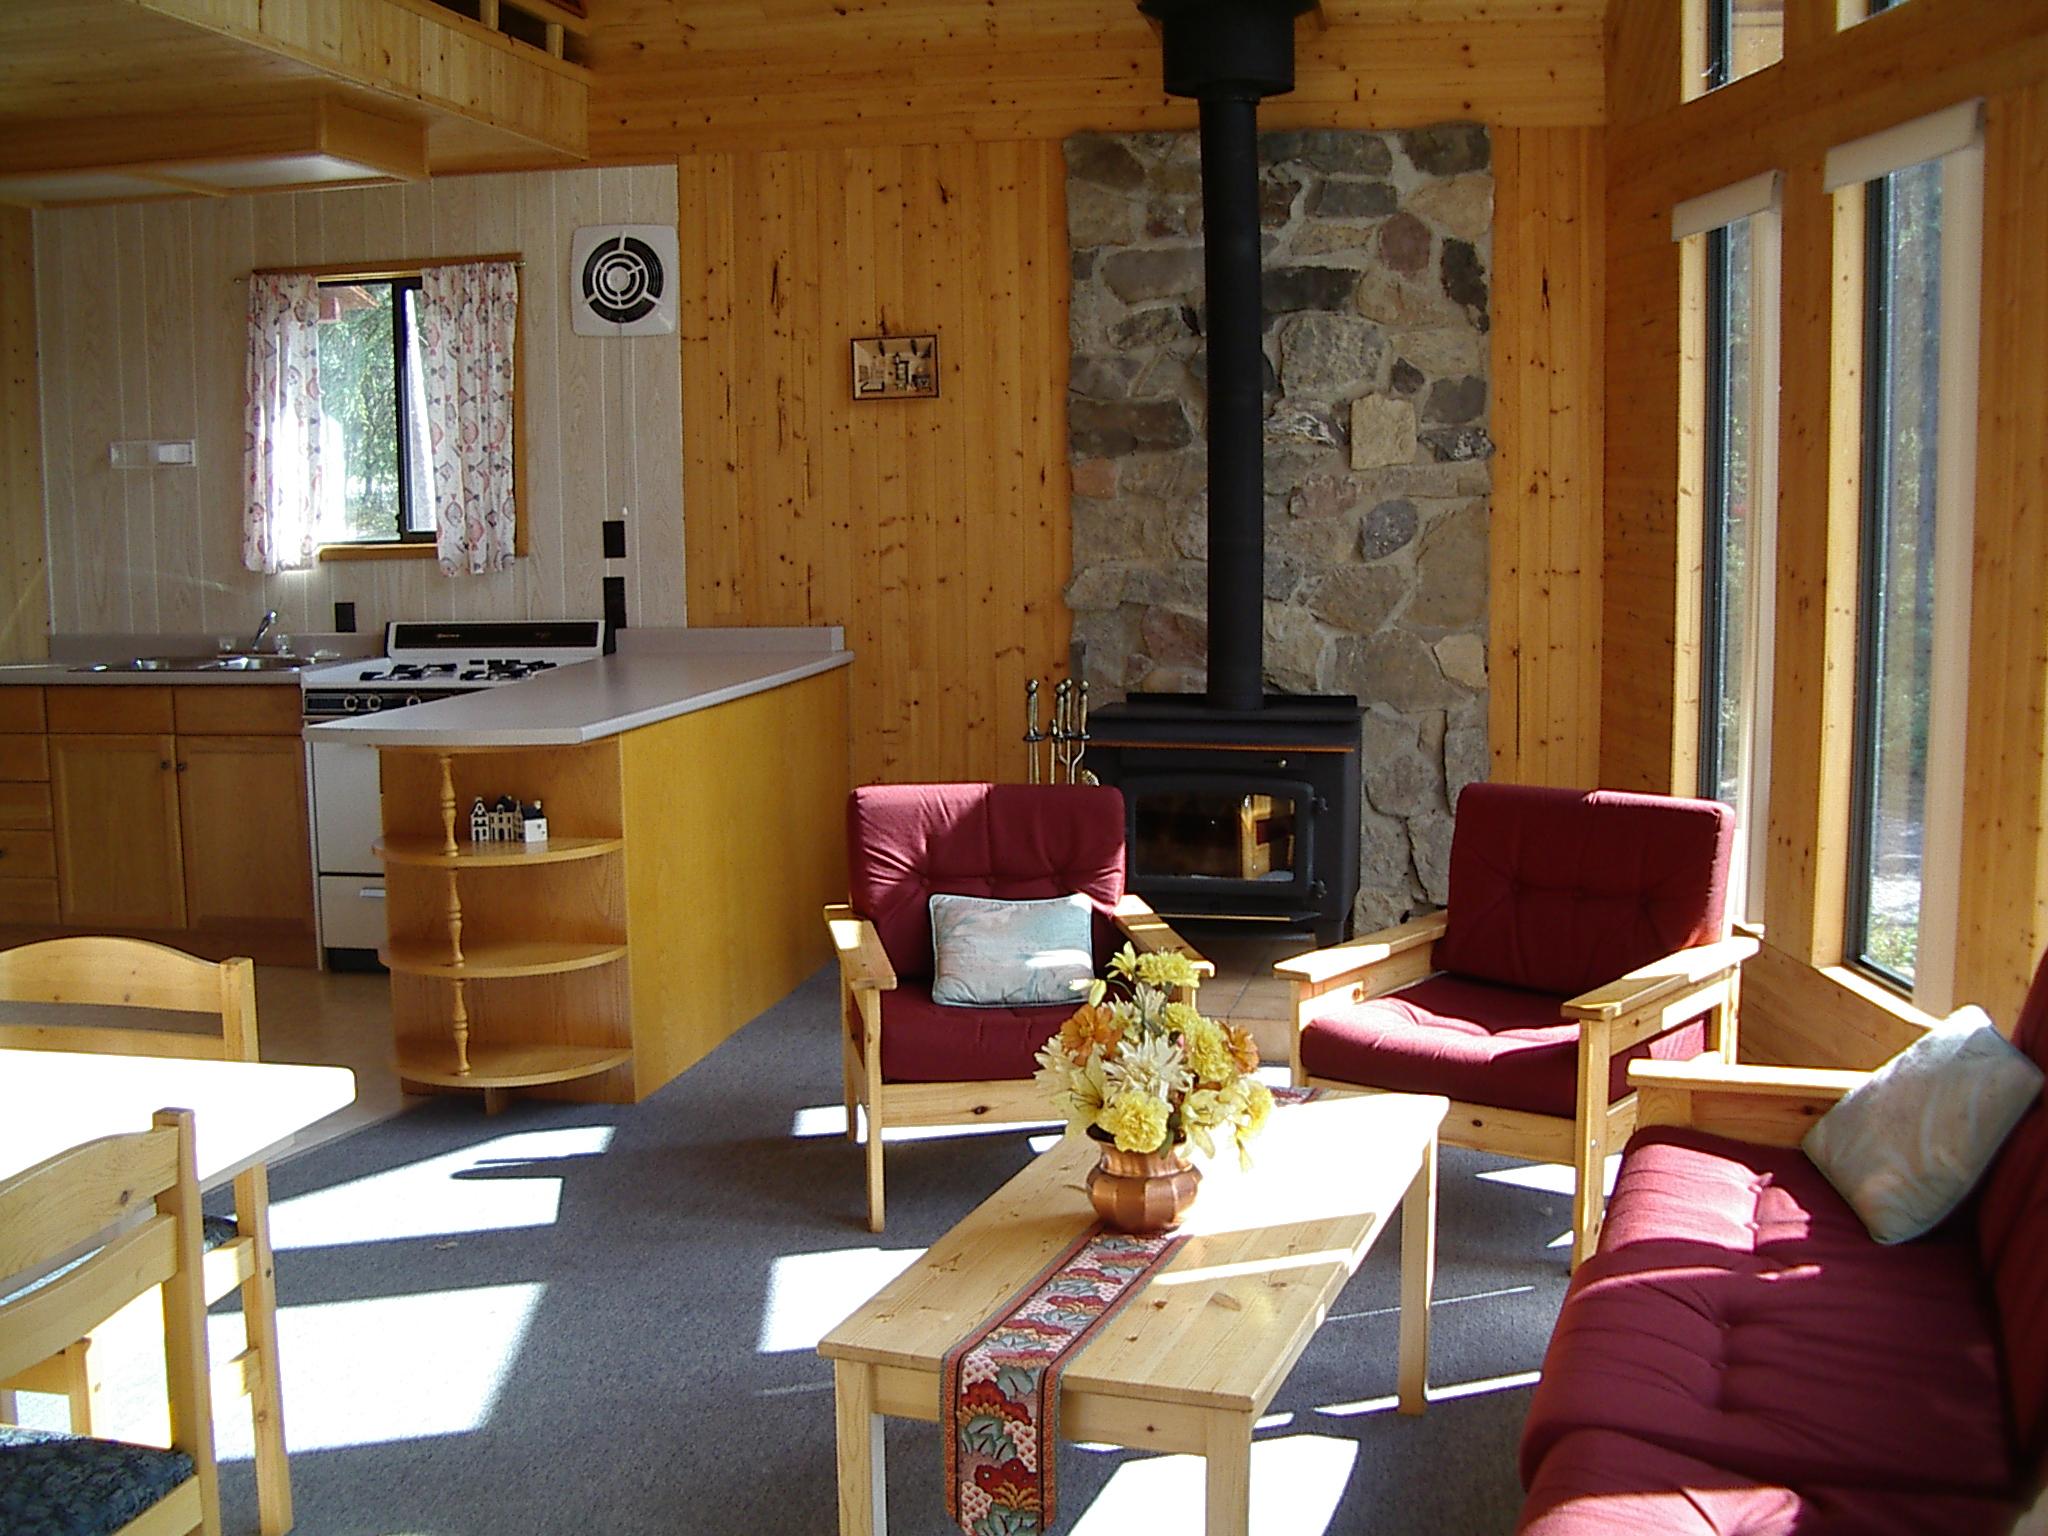 A look inside the charming Cedar House